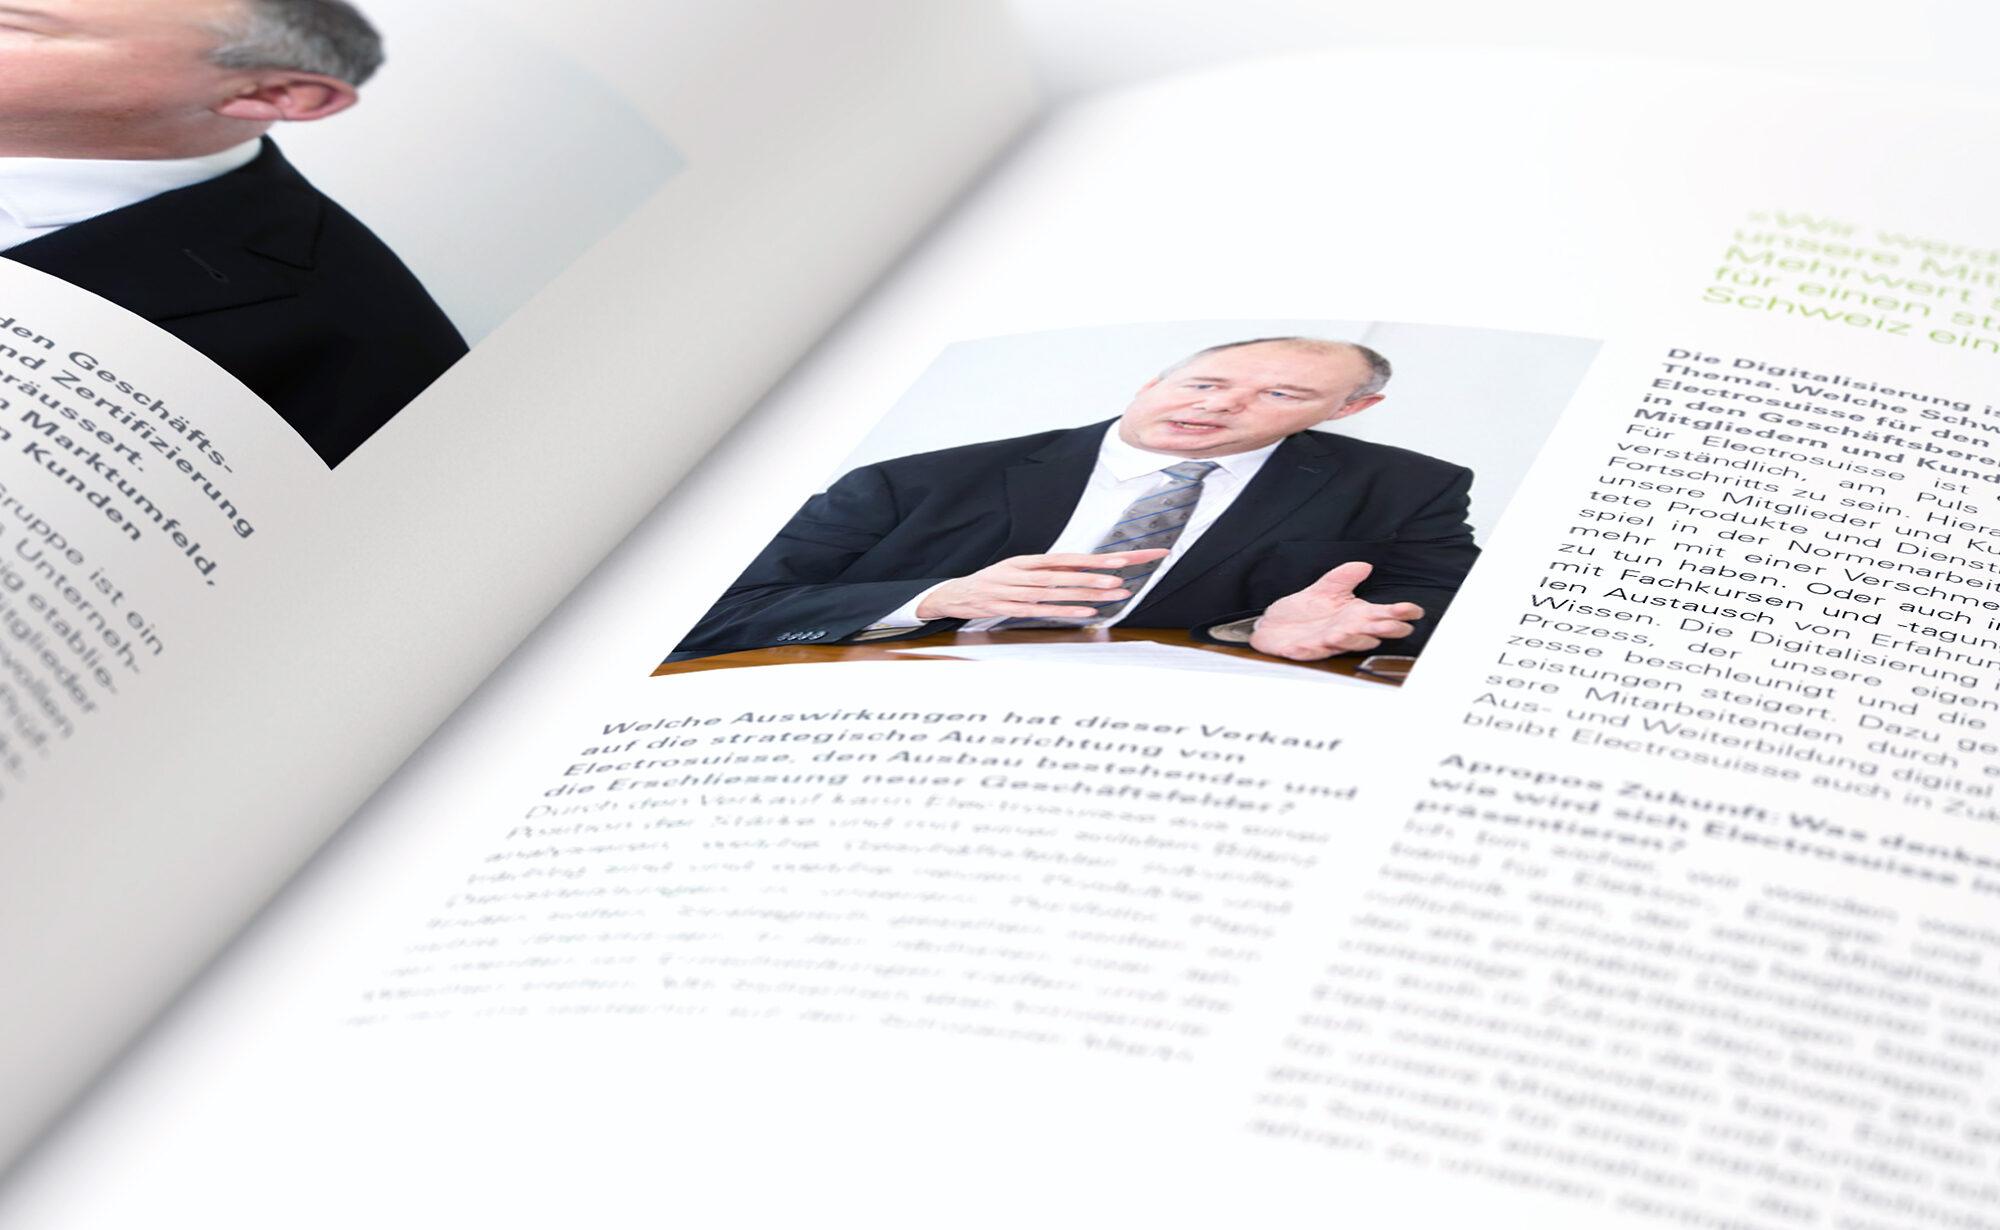 Doppelseite von Broschüre - Electrosuisse Jahresberichte, Agentur Schmucki